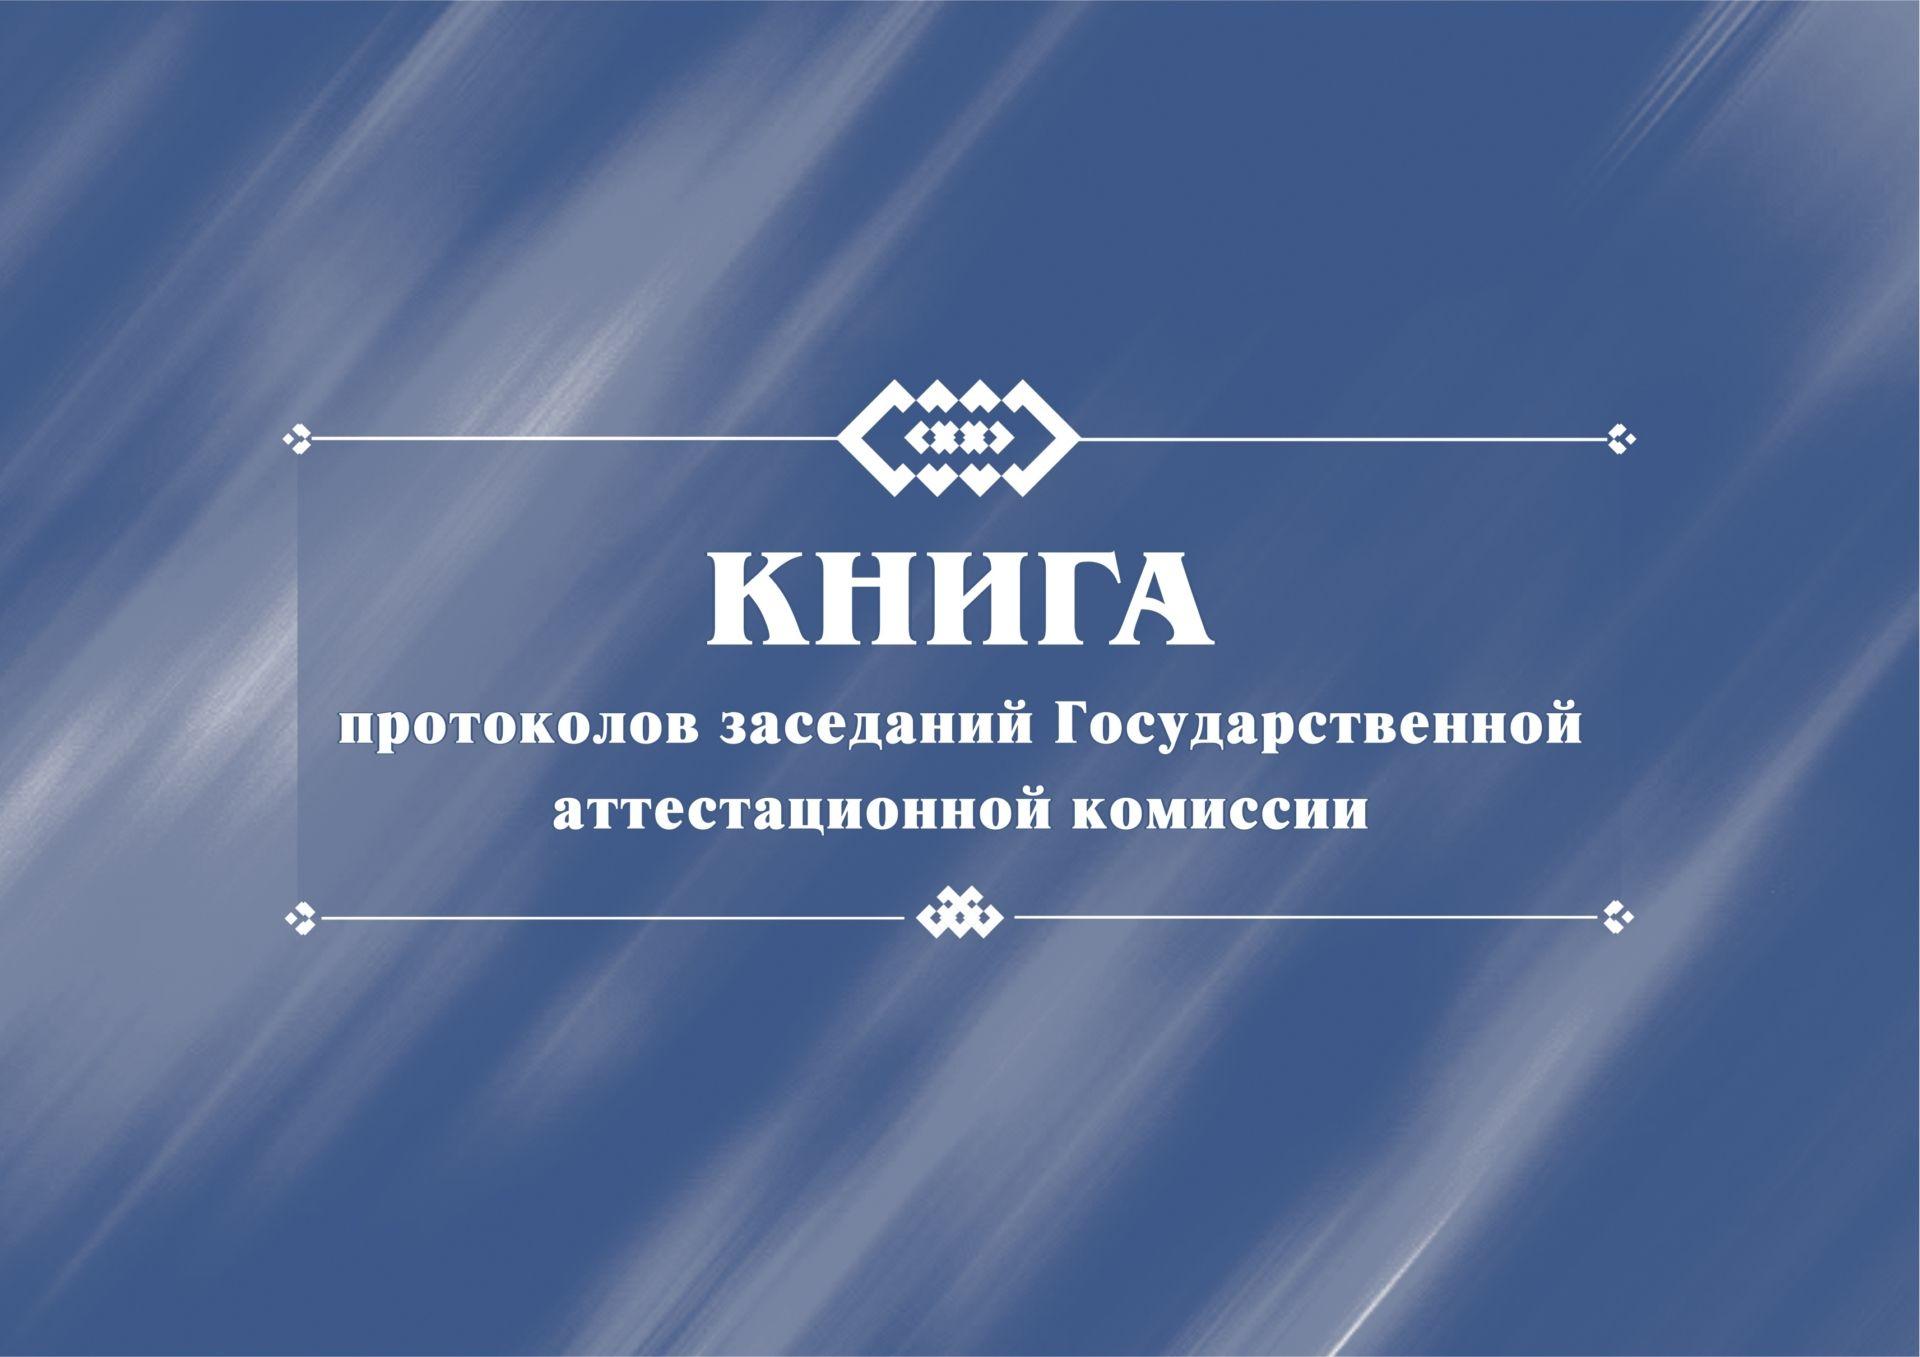 Книга протоколов заседаний Государственной аттестационной комиссии.: (Формат 84х60/8, бл. писчая, об офсет 160, 96 с)